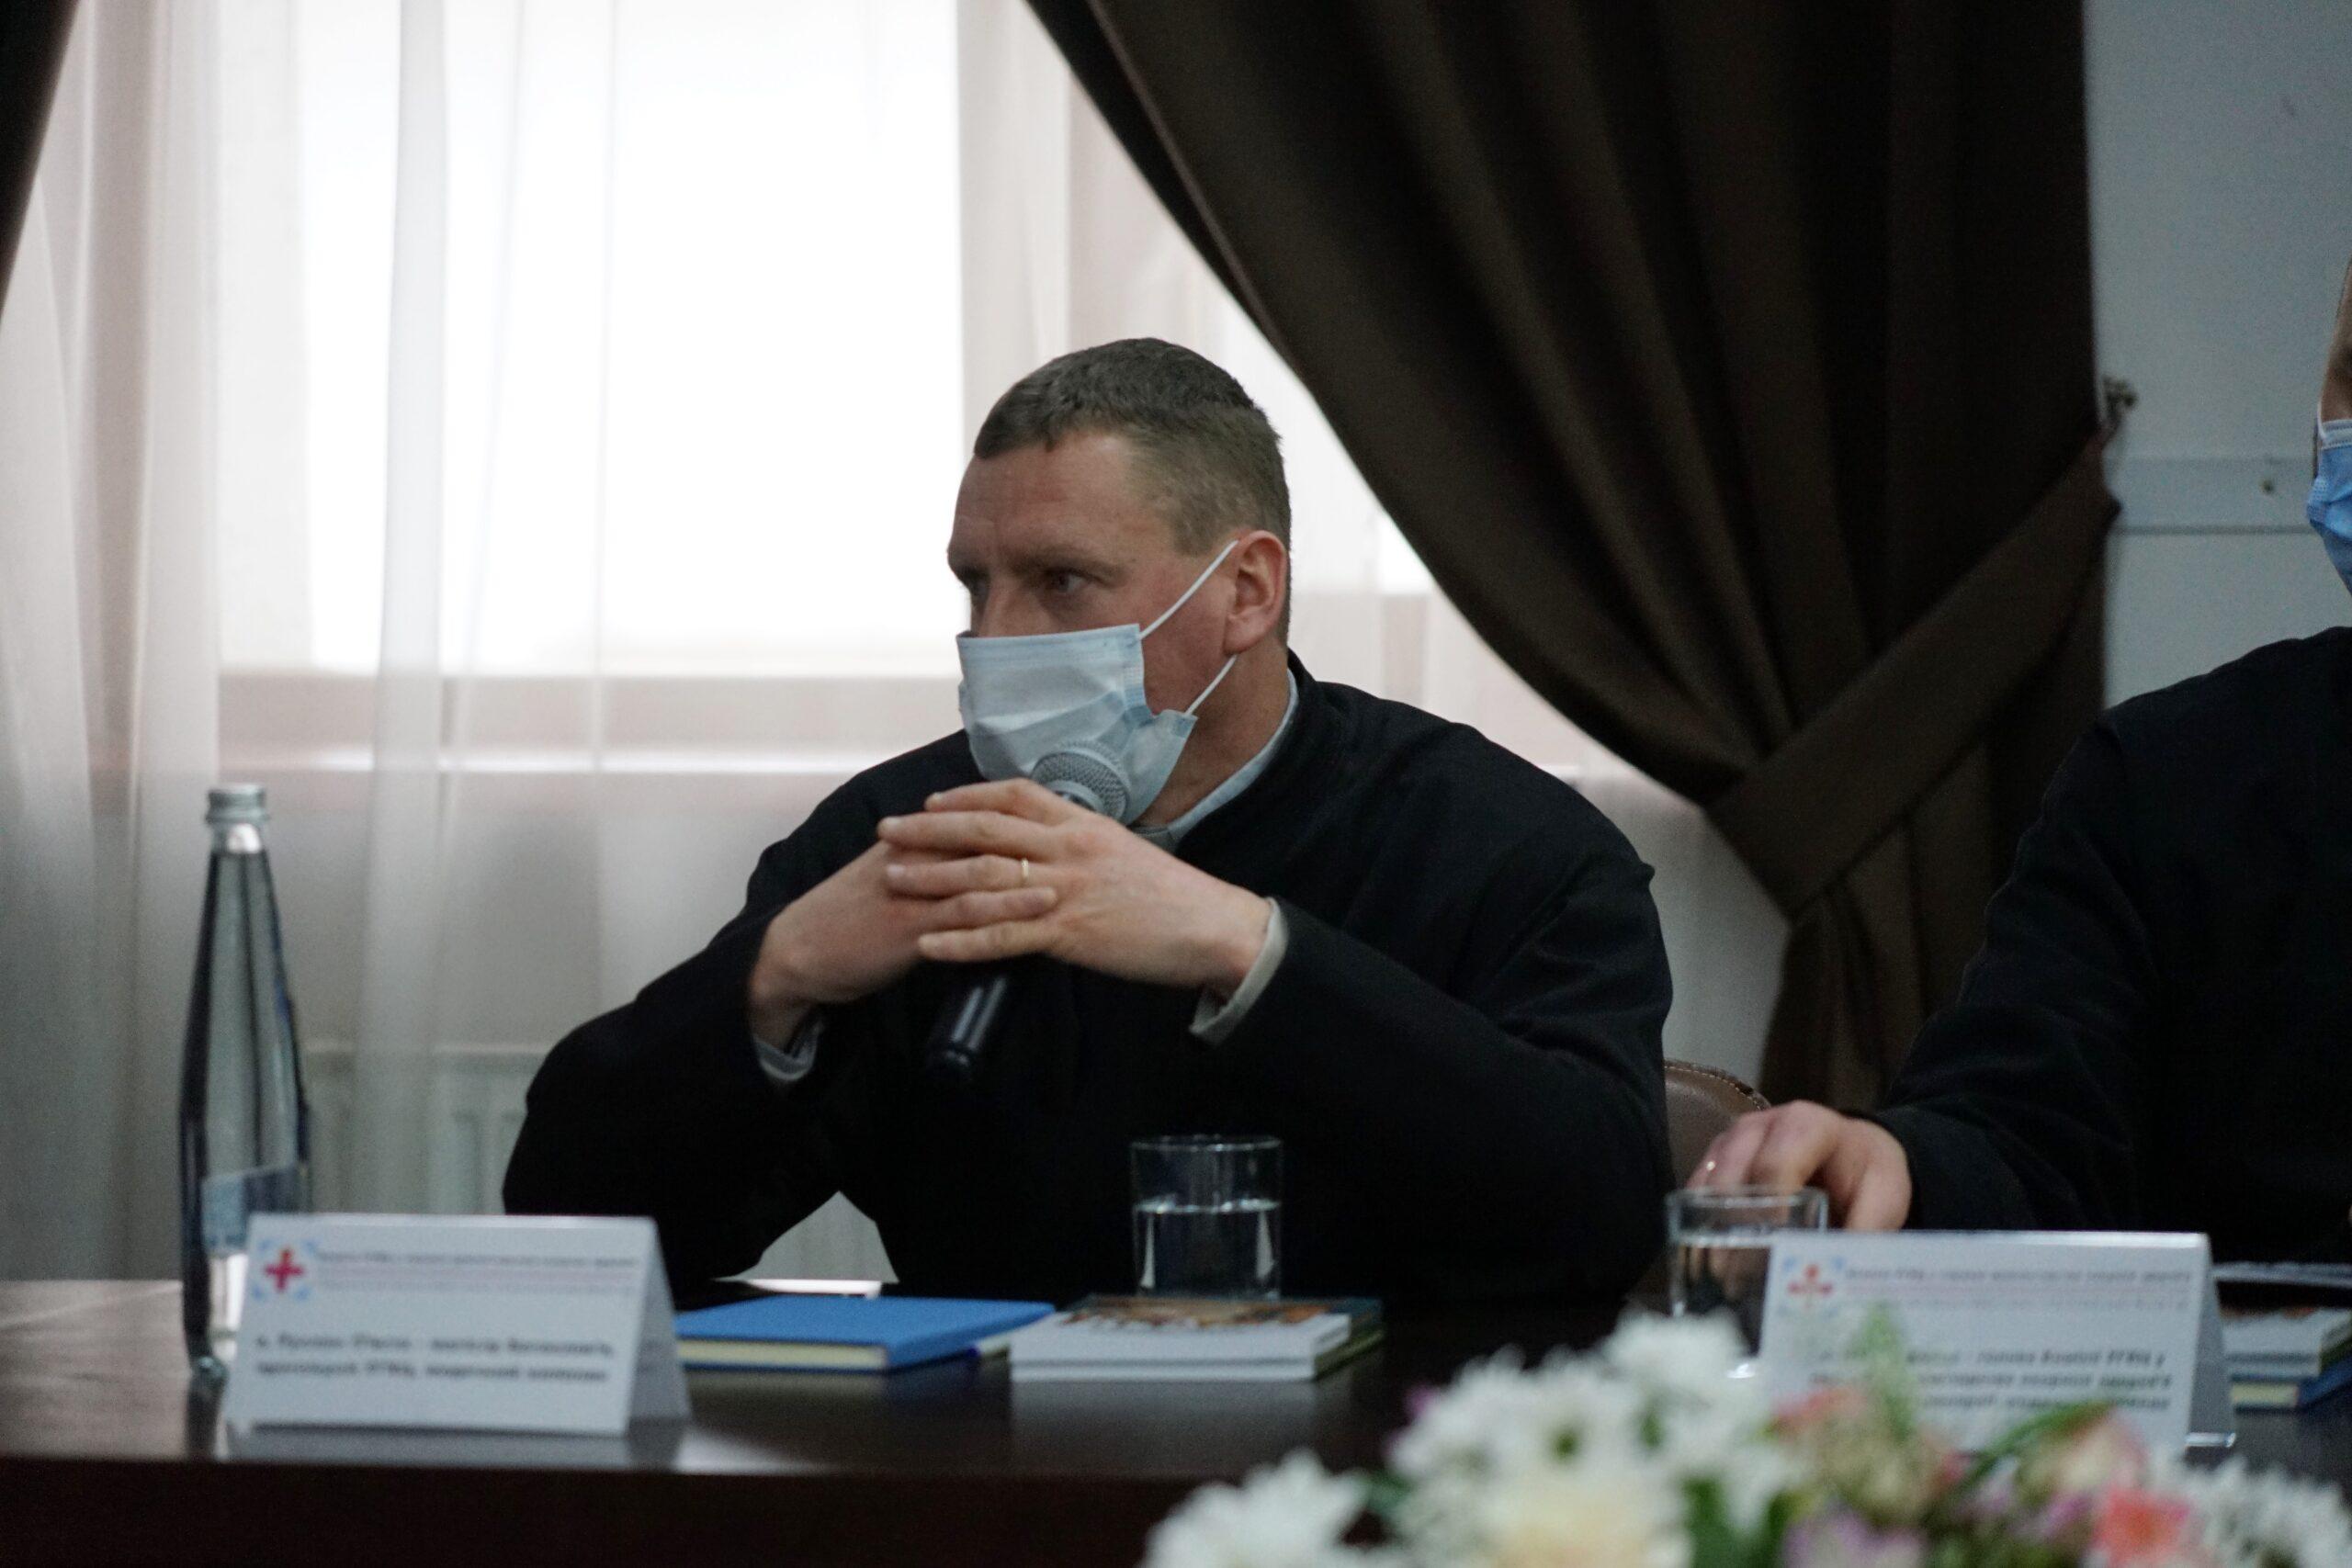 Перспективи розвитку медичного капеланства в Україні обговорили під час круглого столу у Львові_9